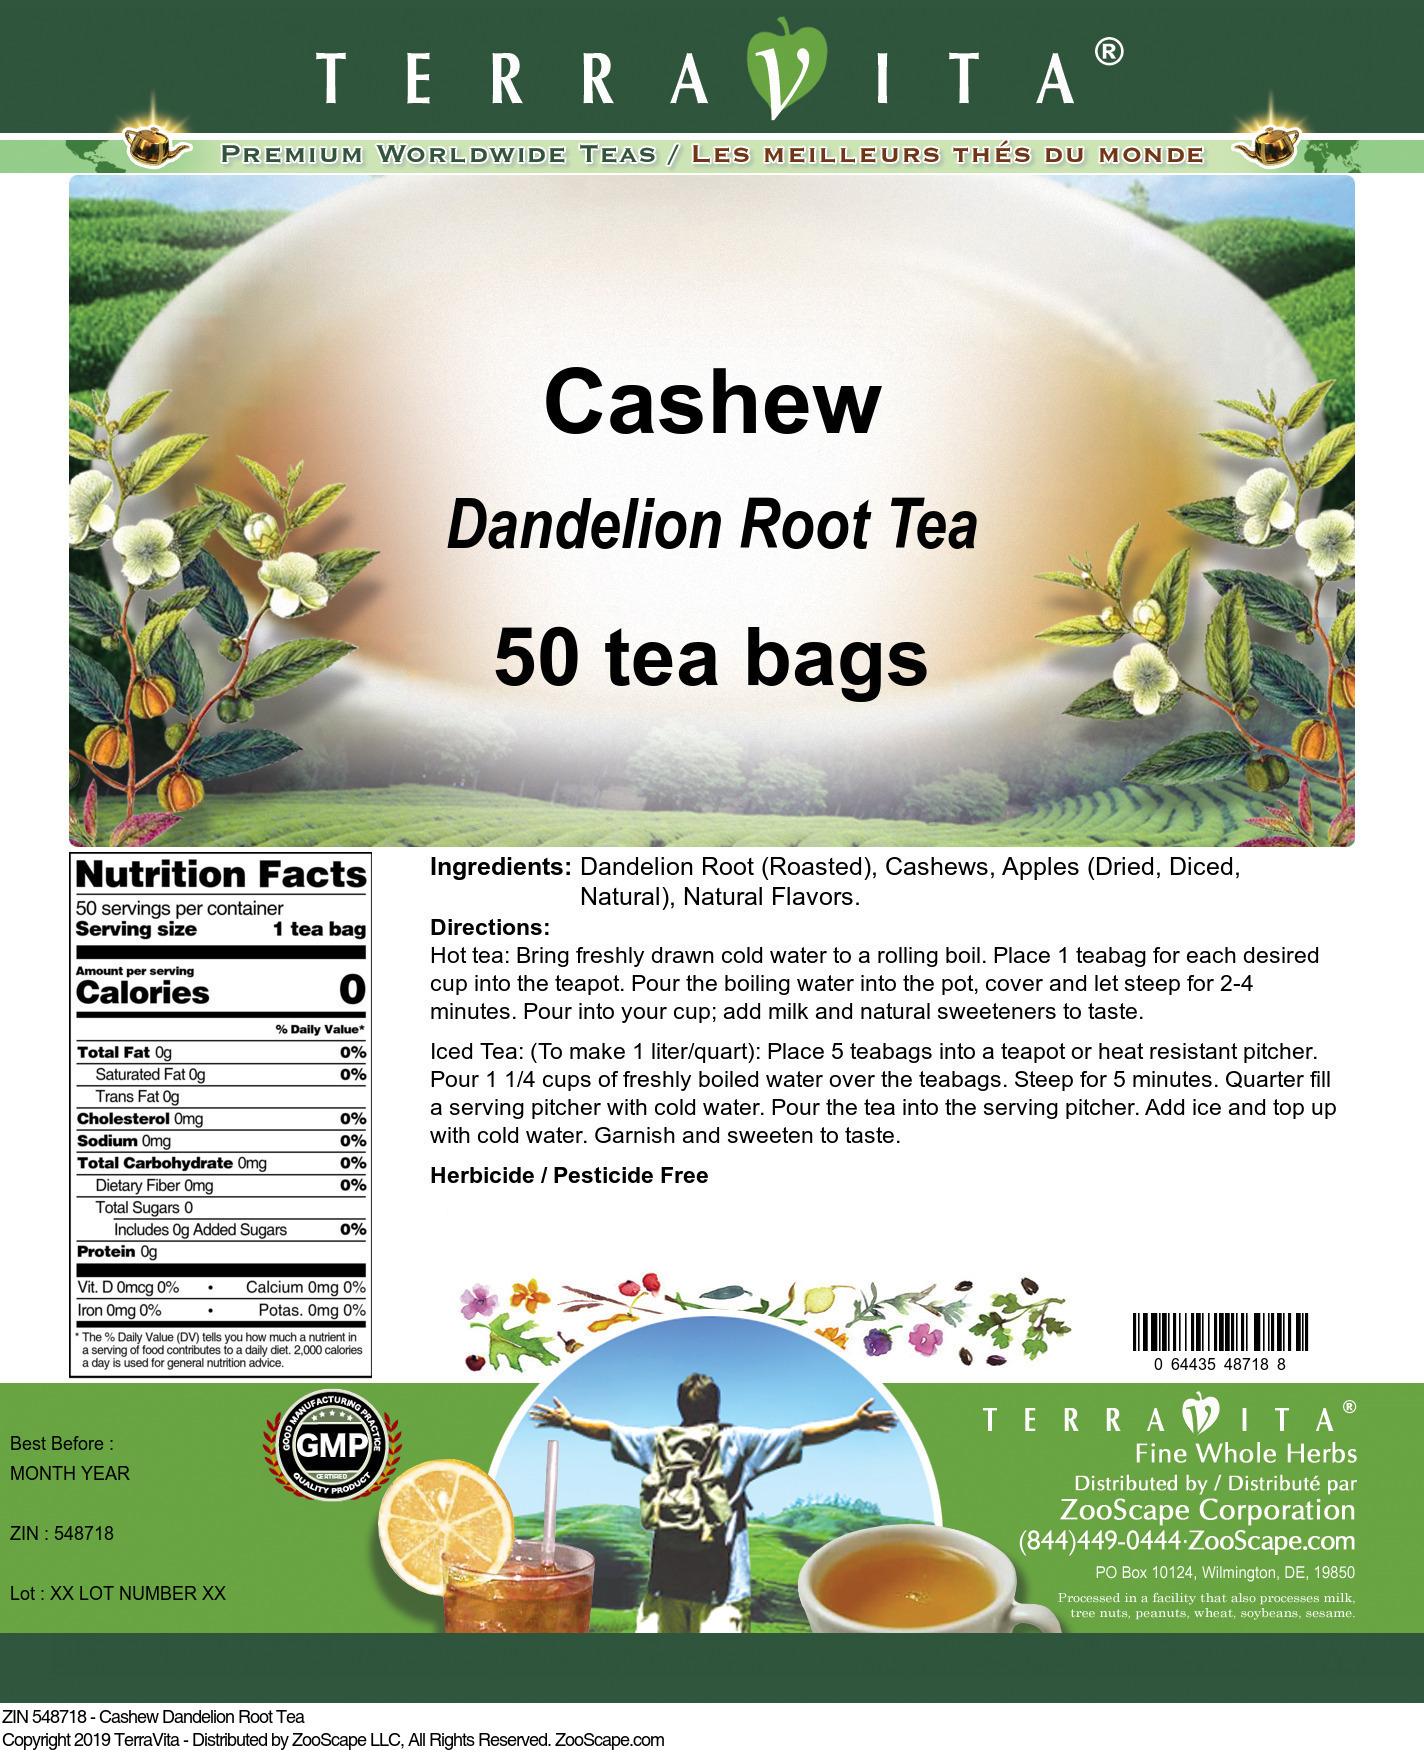 Cashew Dandelion Root Tea